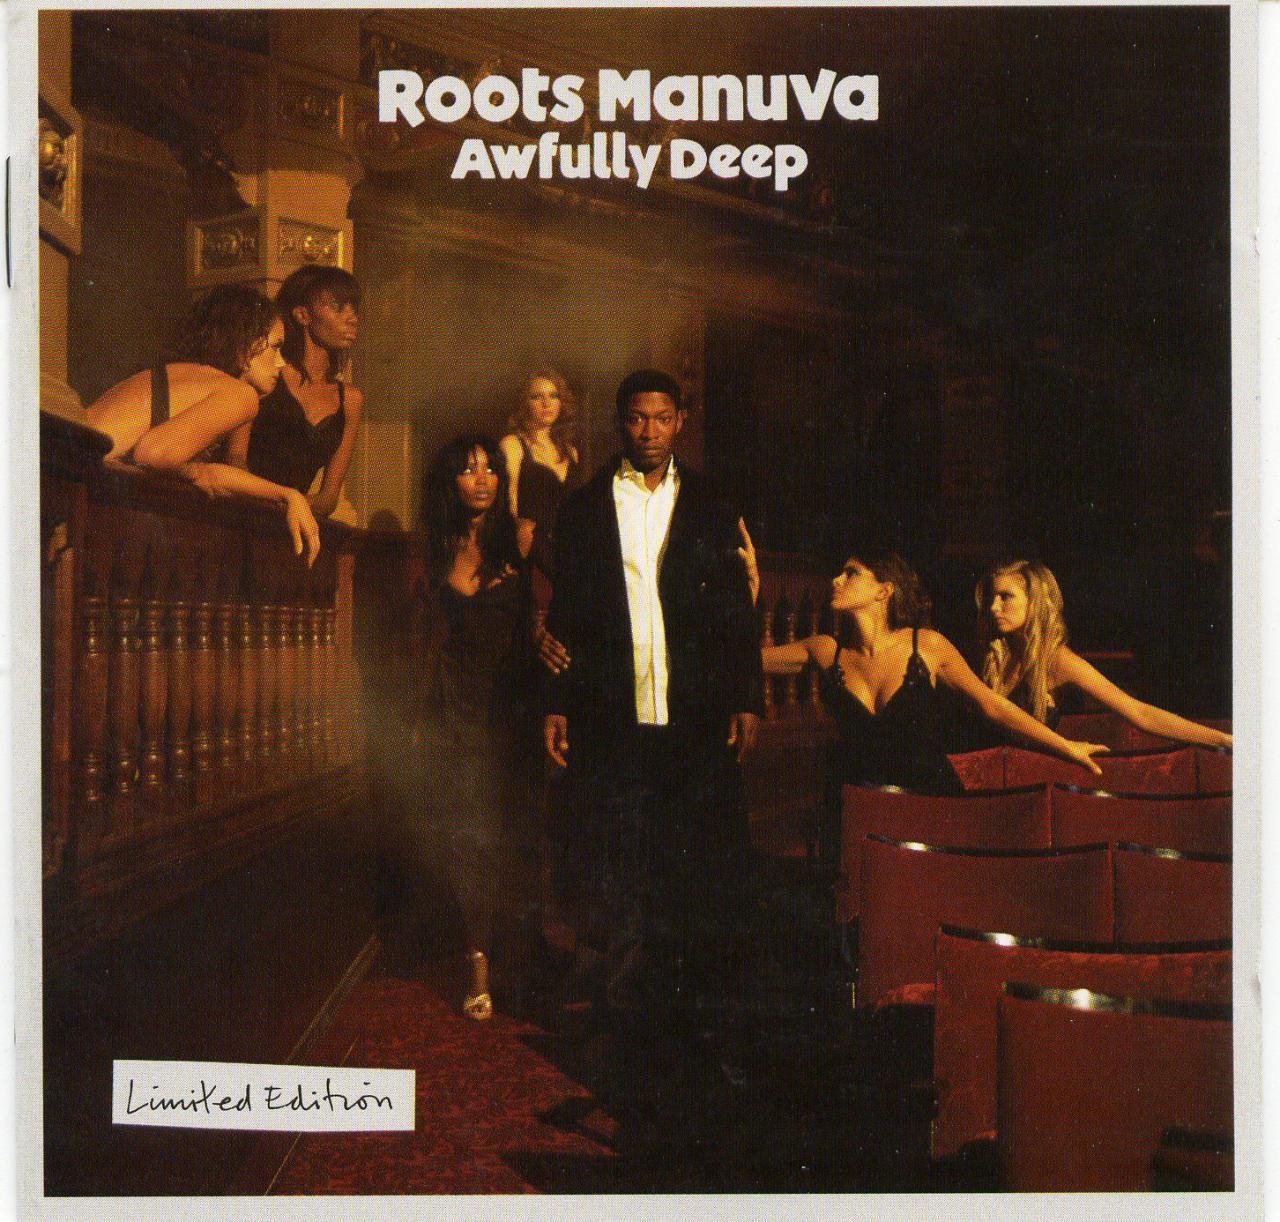 Roots Manuva - Awfully Deep